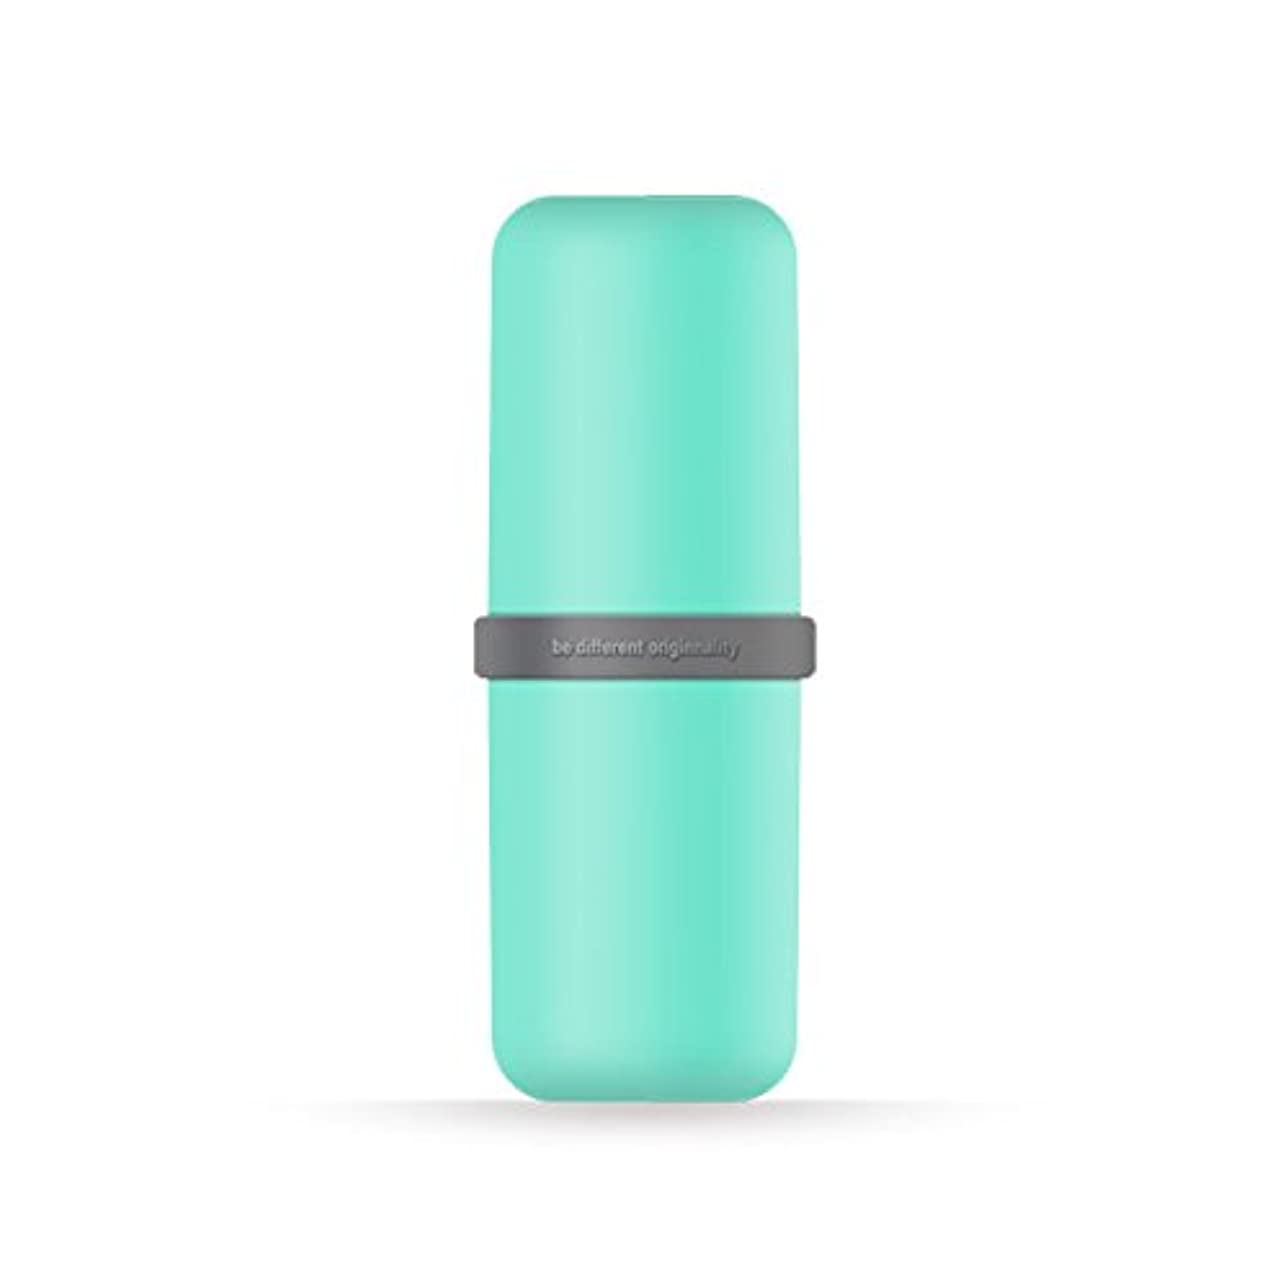 開発バルセロナローストポータブル歯ブラシWashカップ歯磨き粉ボックス便利旅行歯ブラシ歯磨き粉オーガナイザー 6*20cm グリーン